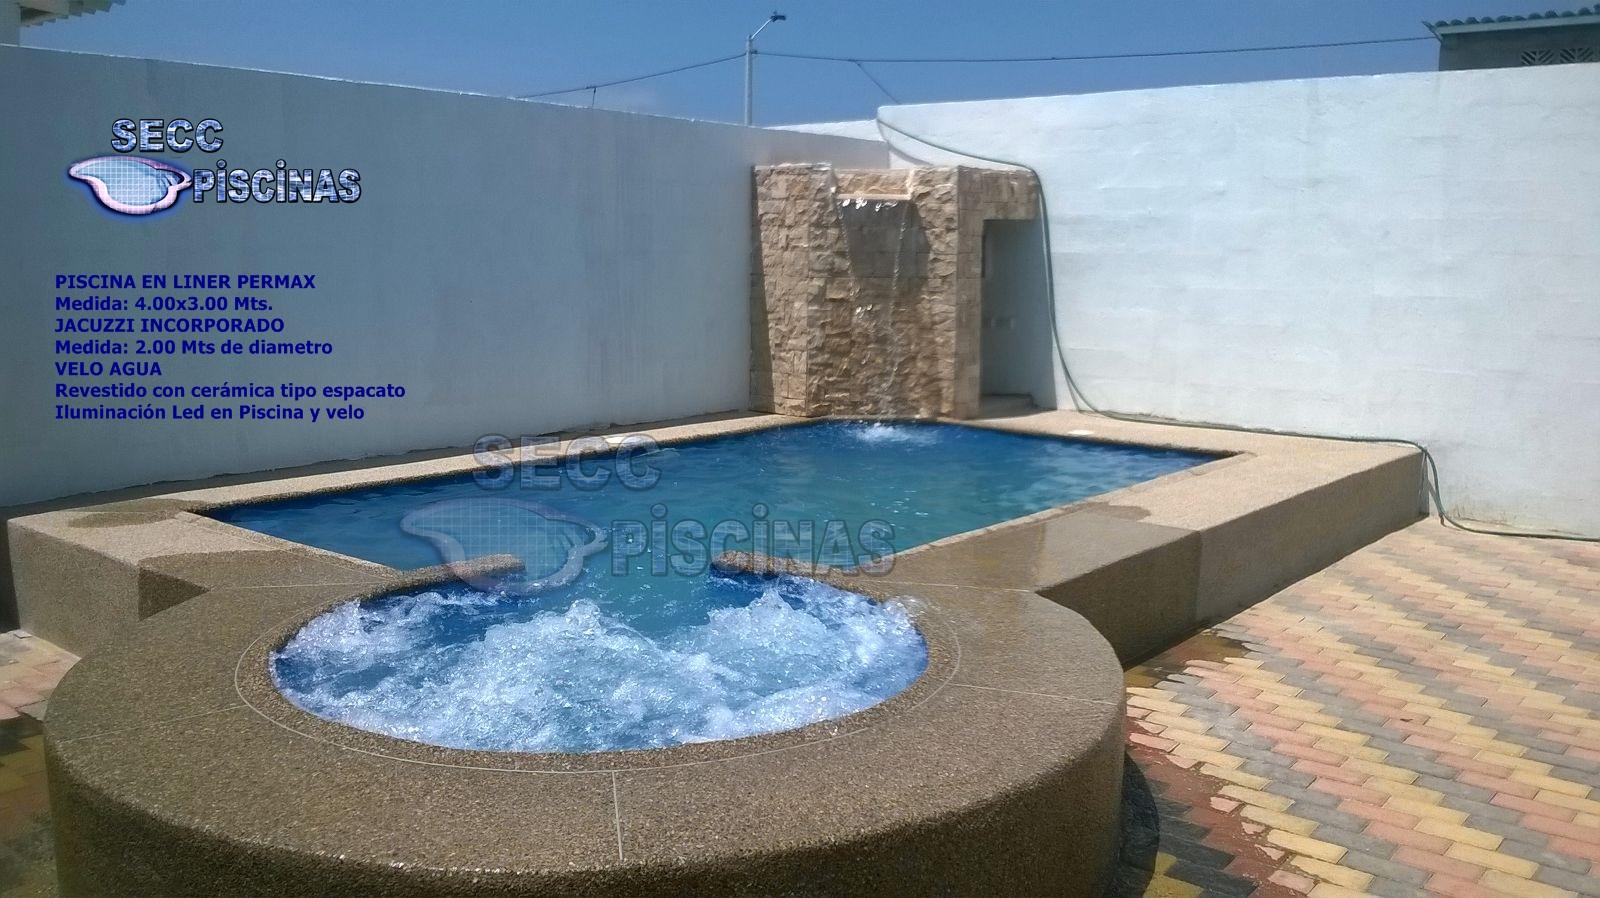 Secc piscinas piscinas con jacuzzi incorporado for Piscinas con jacuzzi precio